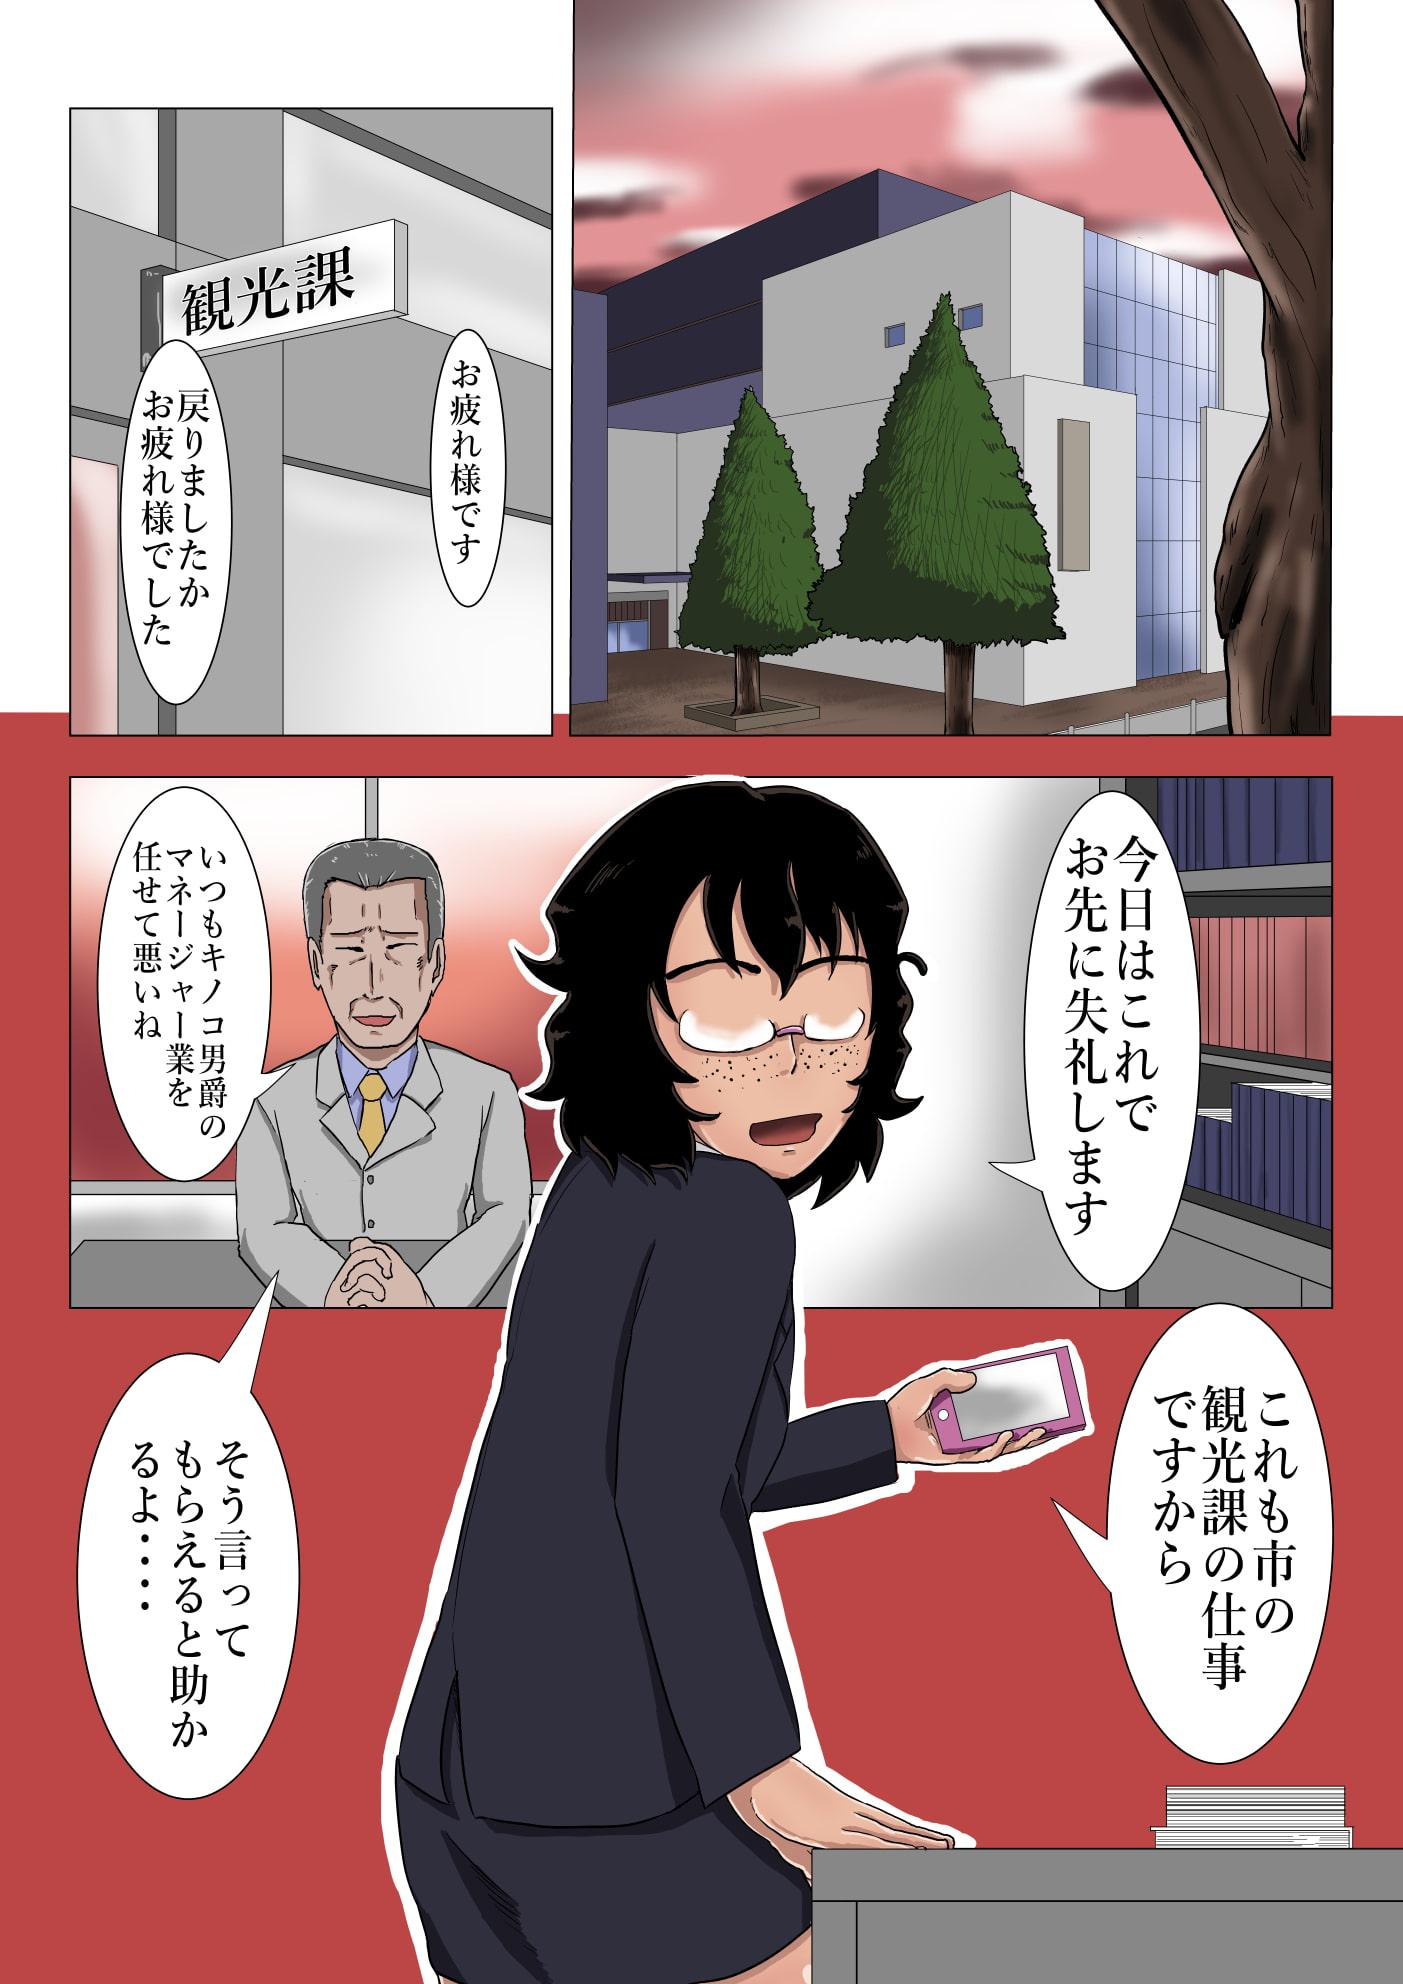 RJ329438 市のマスコットキャラクターと私の性癖 [20210531]